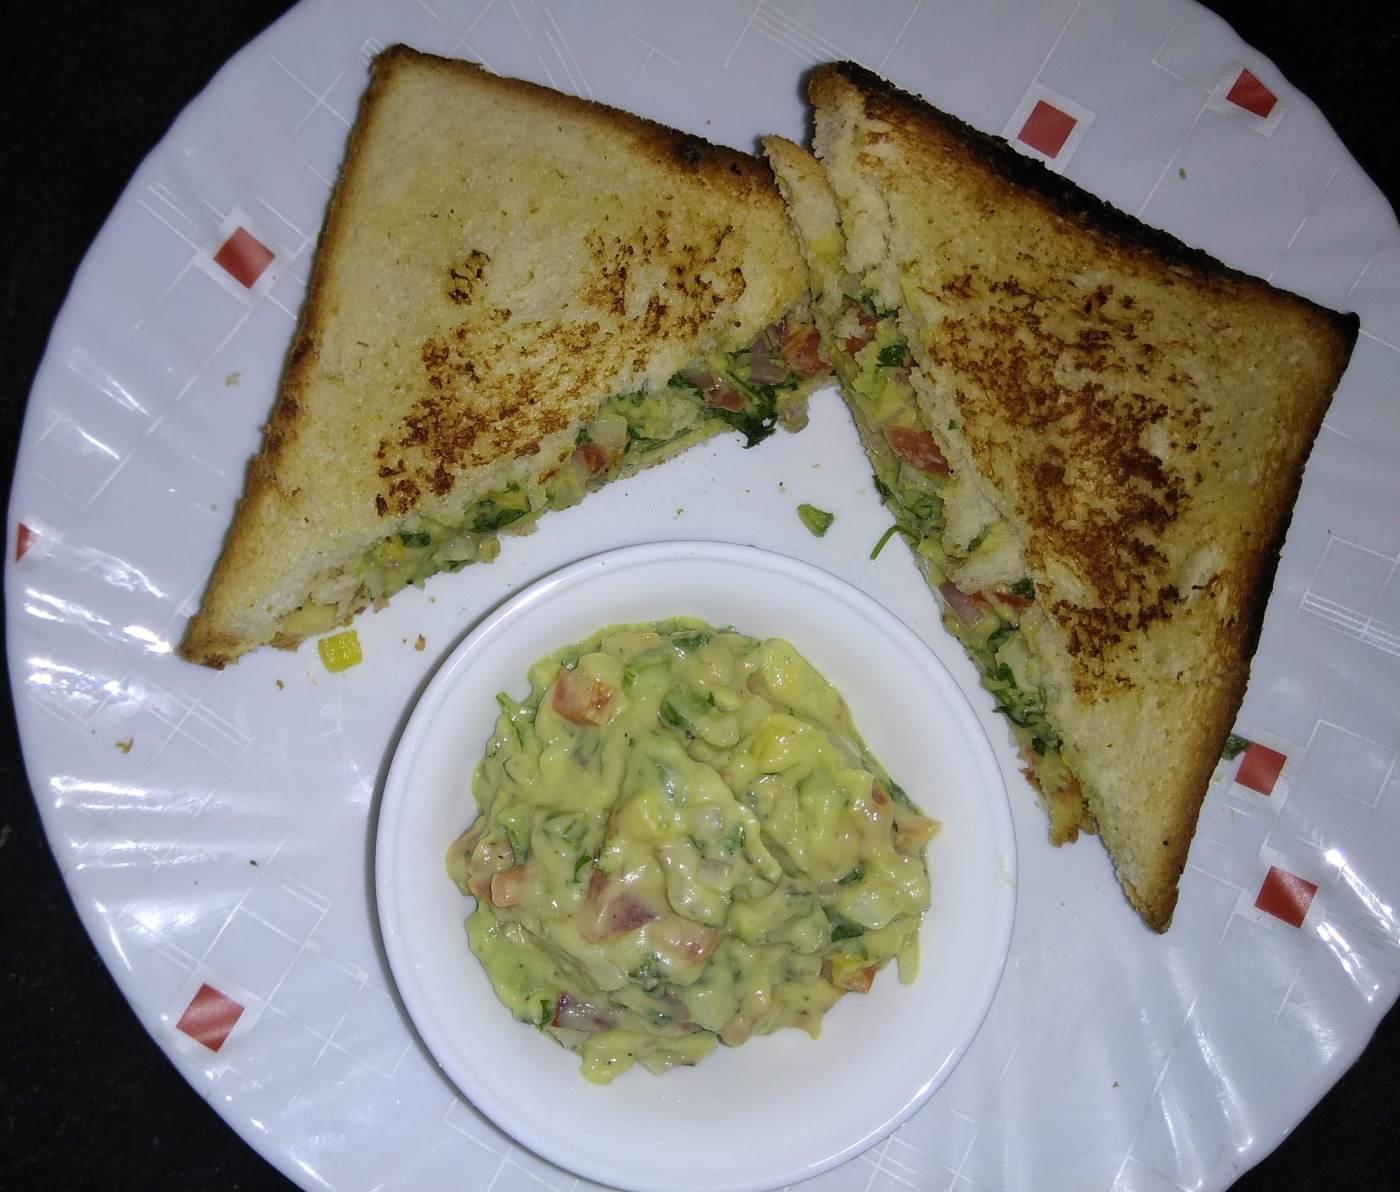 Avocado breakfast sandwich